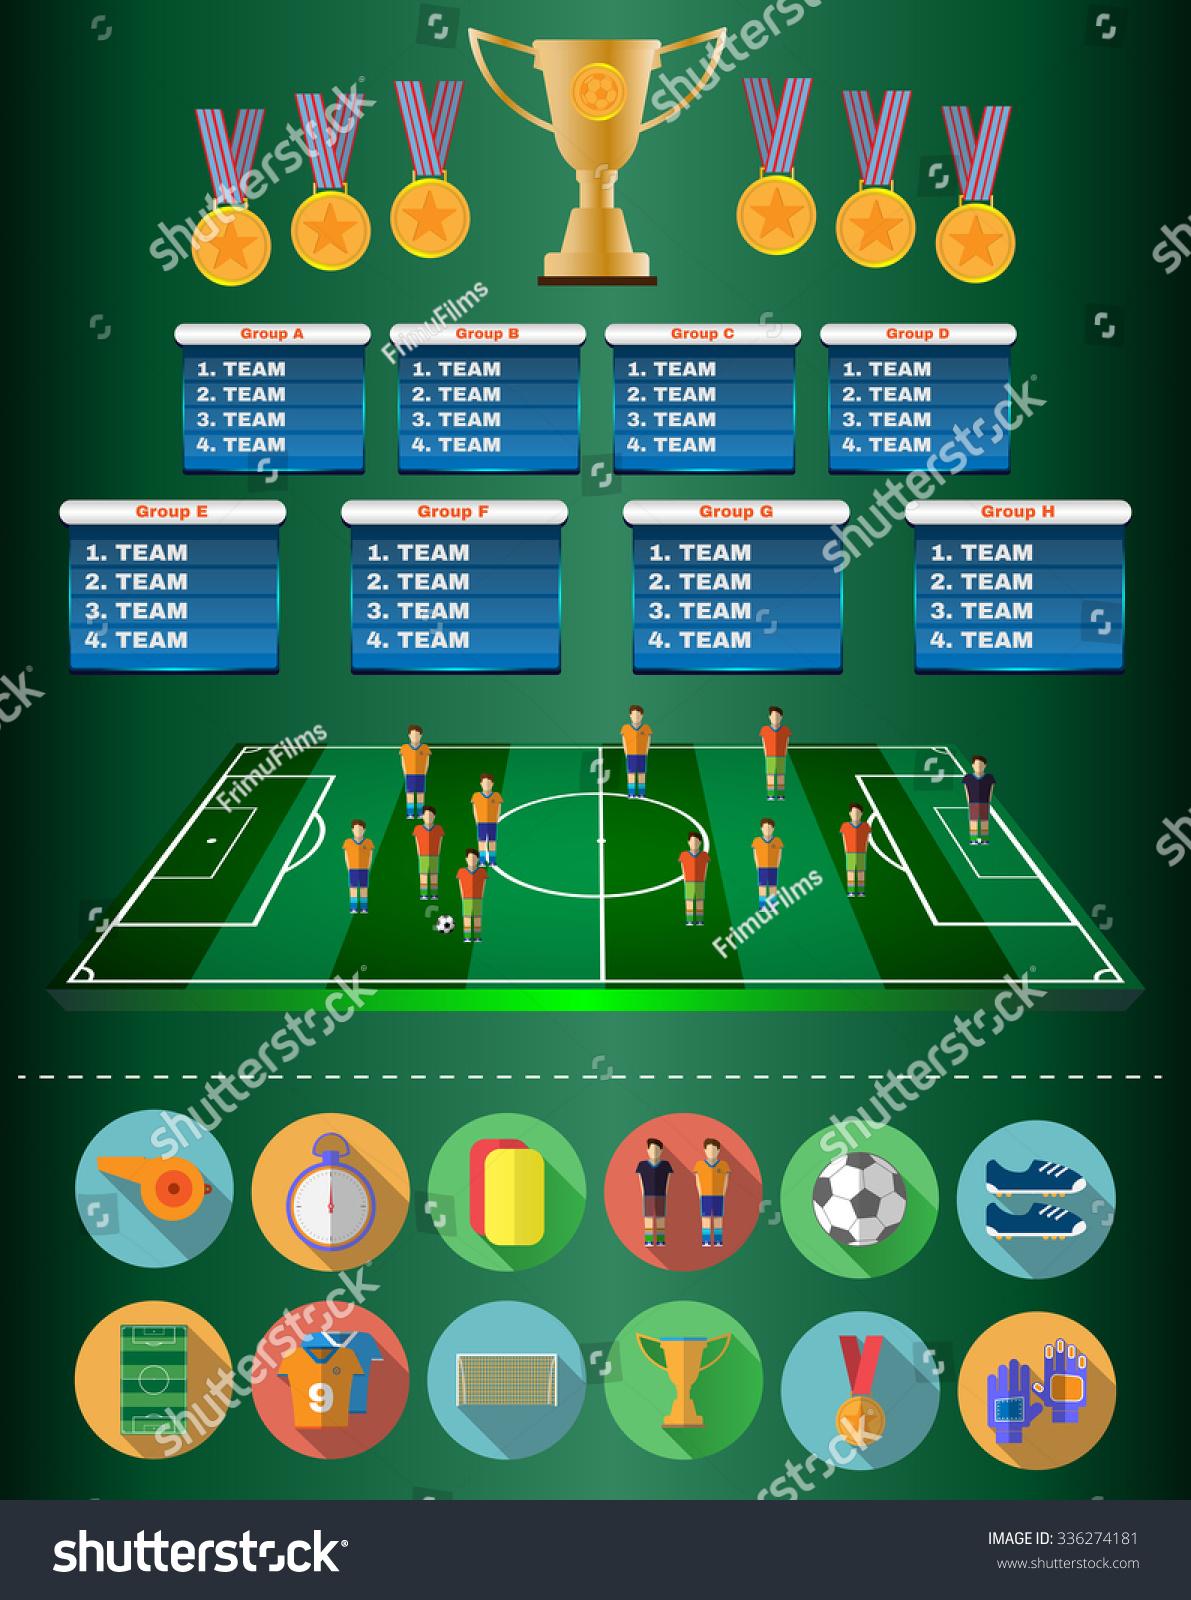 match score football